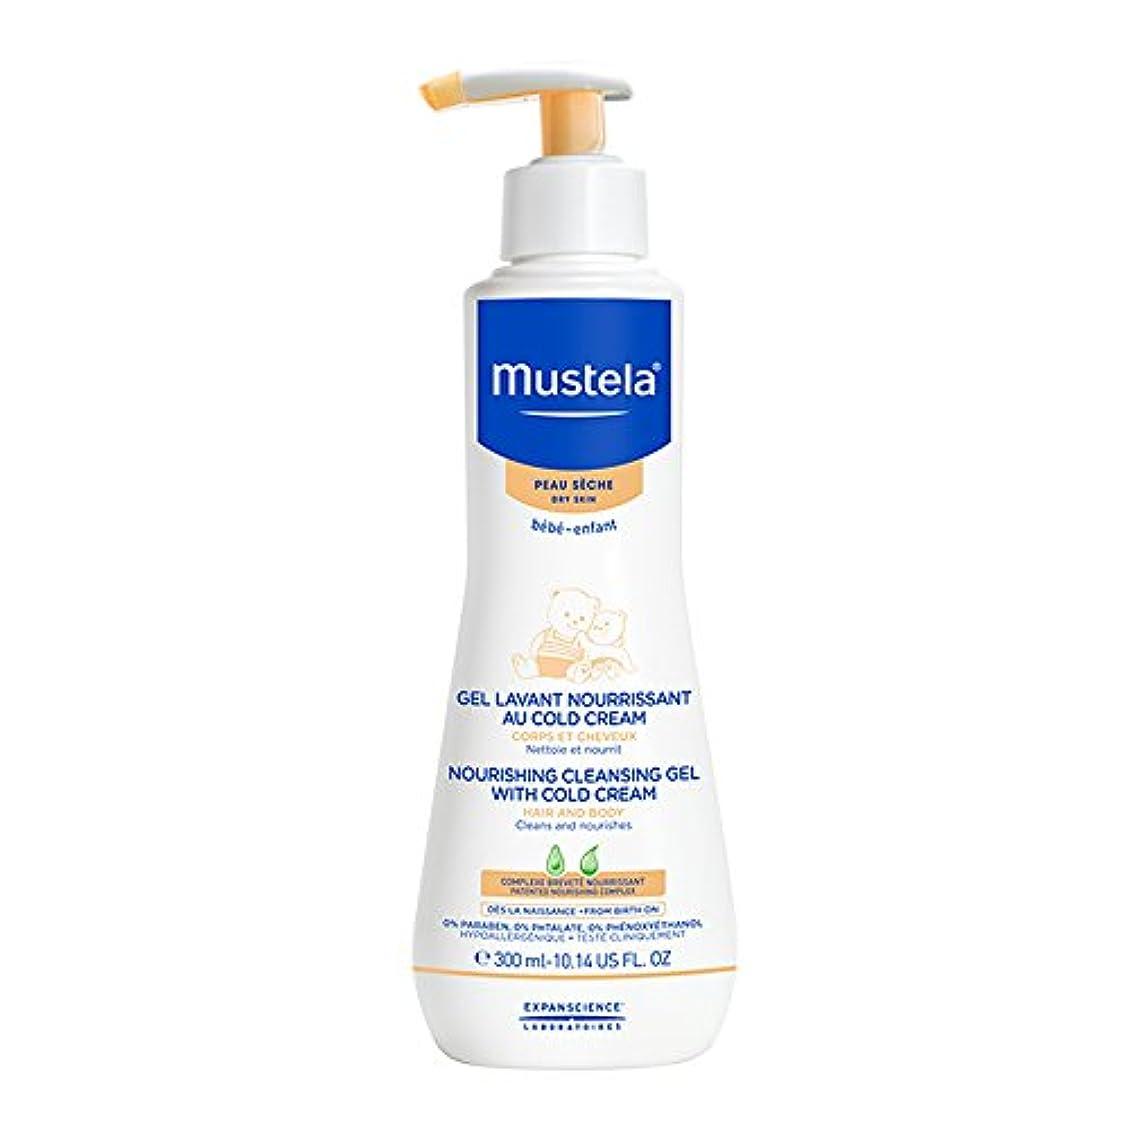 極貧感覚対象ムステラ Nourishing Cleansing Gel with Cold Cream For Hair & Body - For Dry Skin 300ml/10.14oz並行輸入品